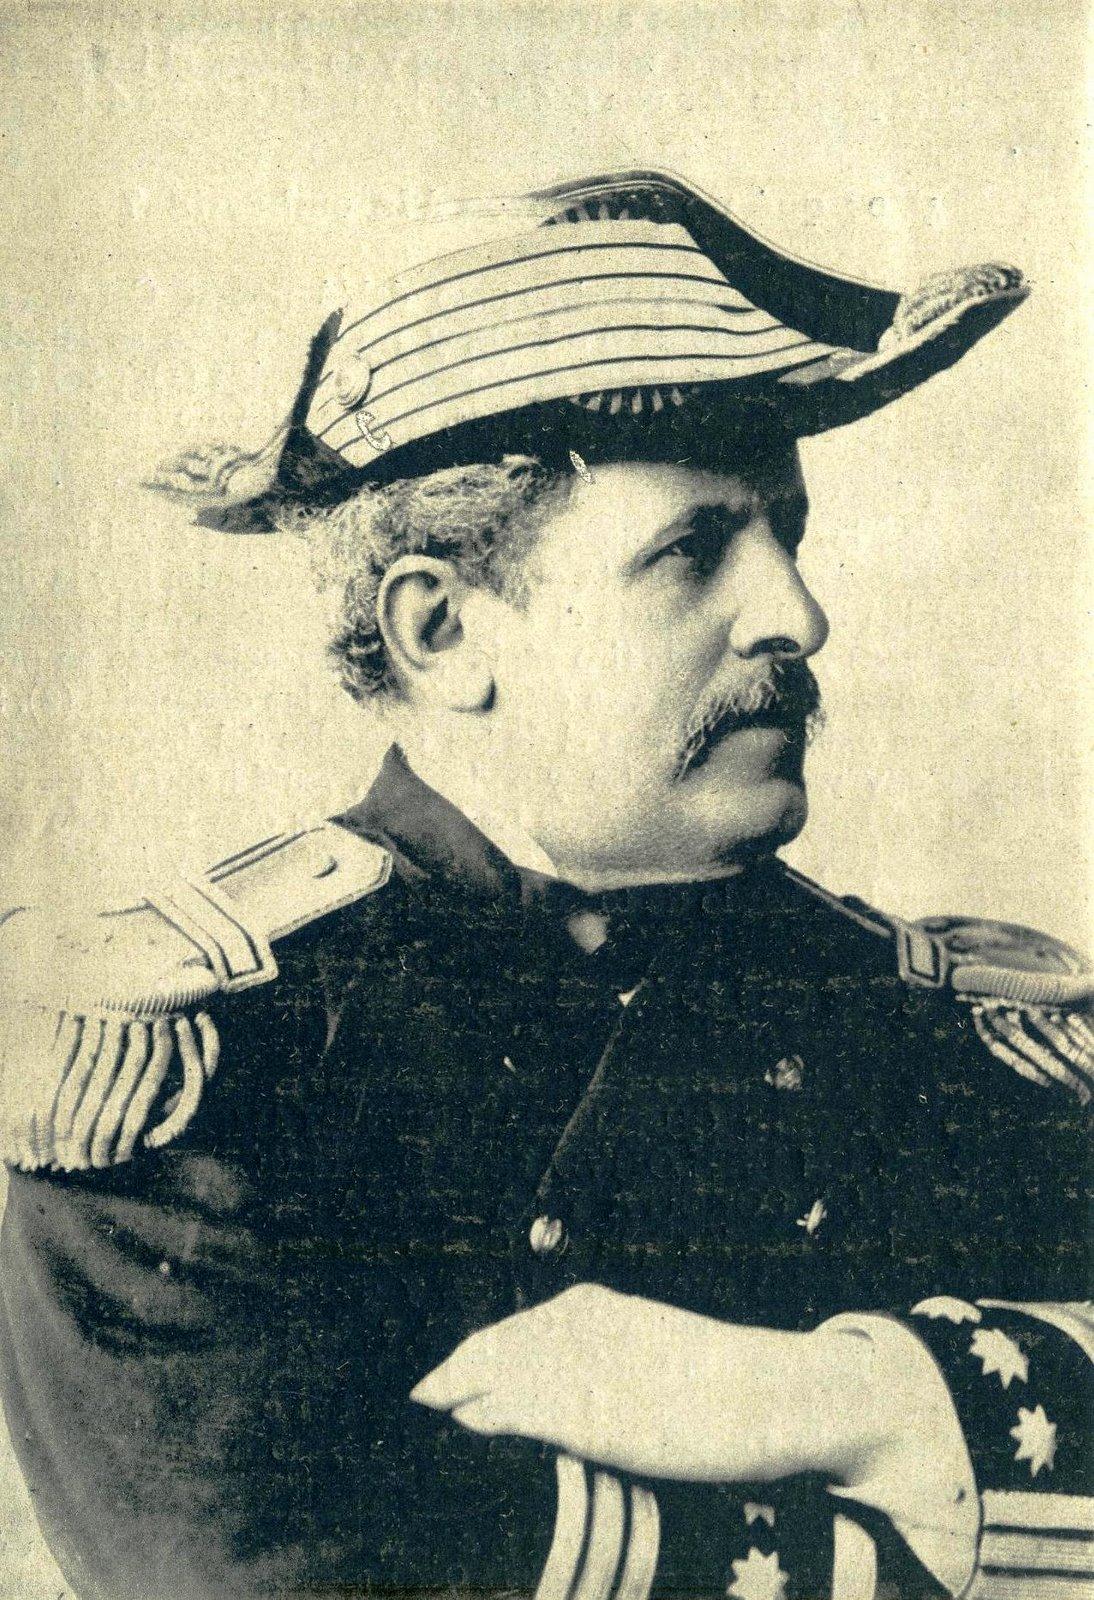 Fernando Villaamil